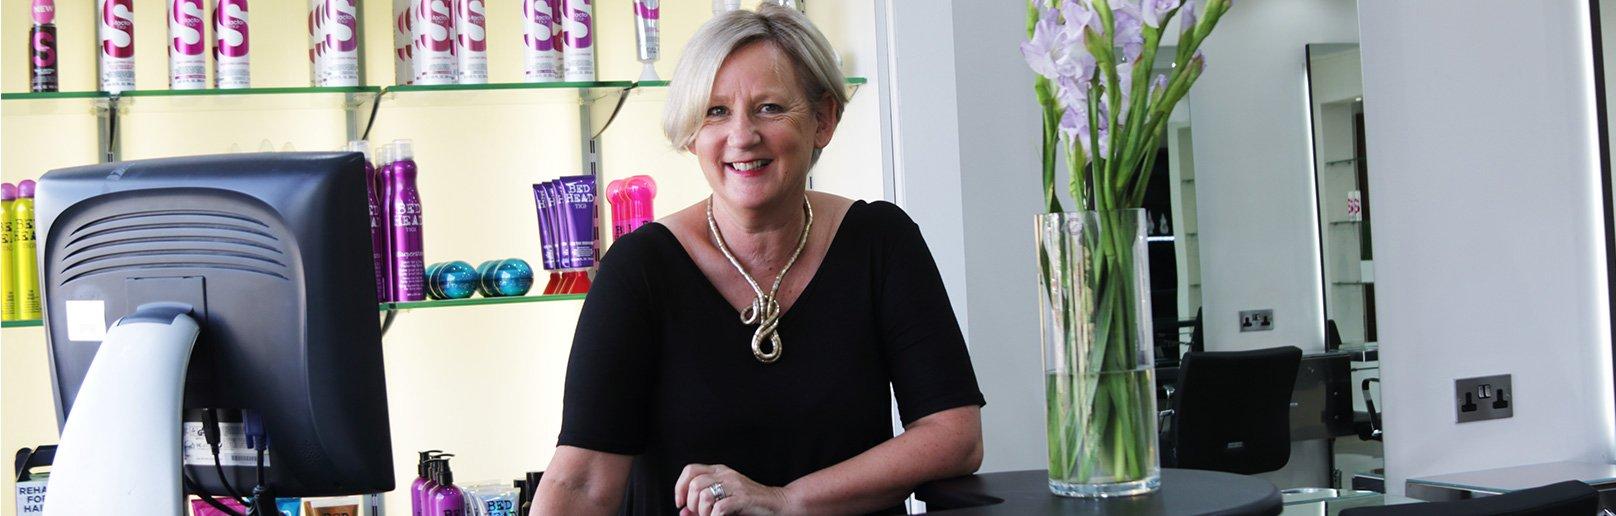 Lynne Smith Forresters Tilehurst hair salon